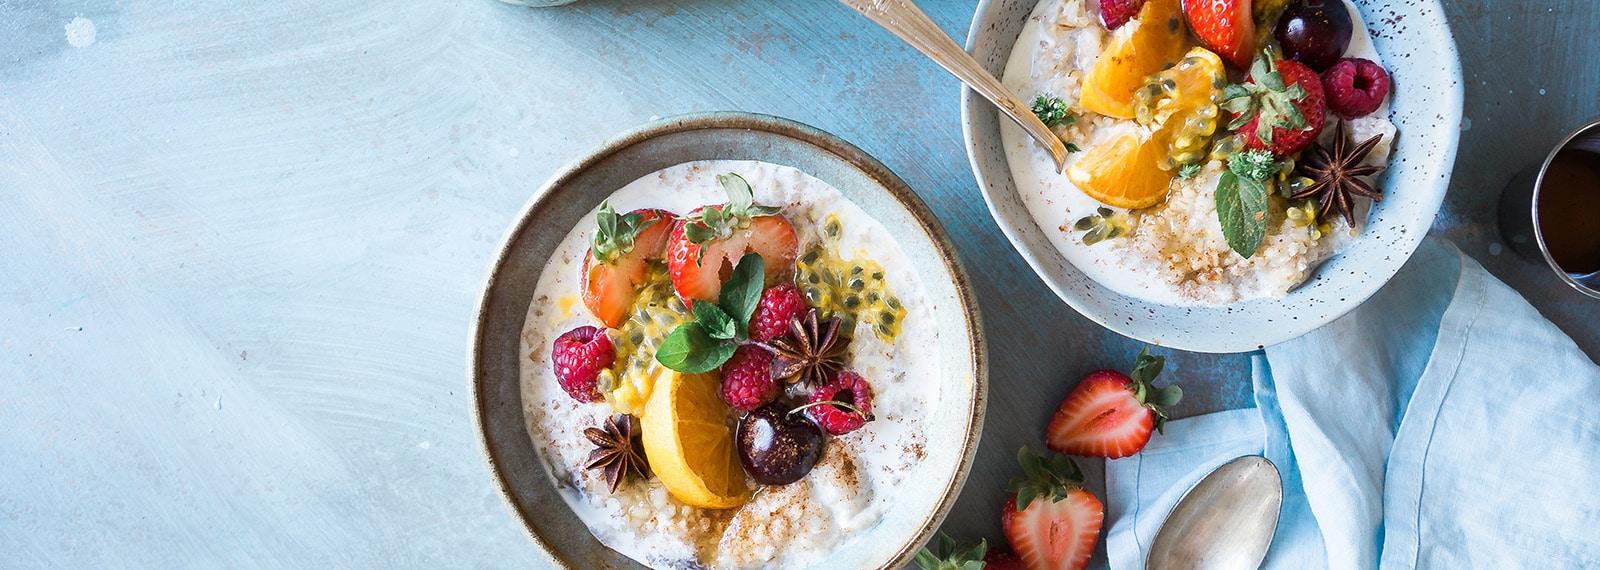 Gesund Frühstücken mit overnight oats